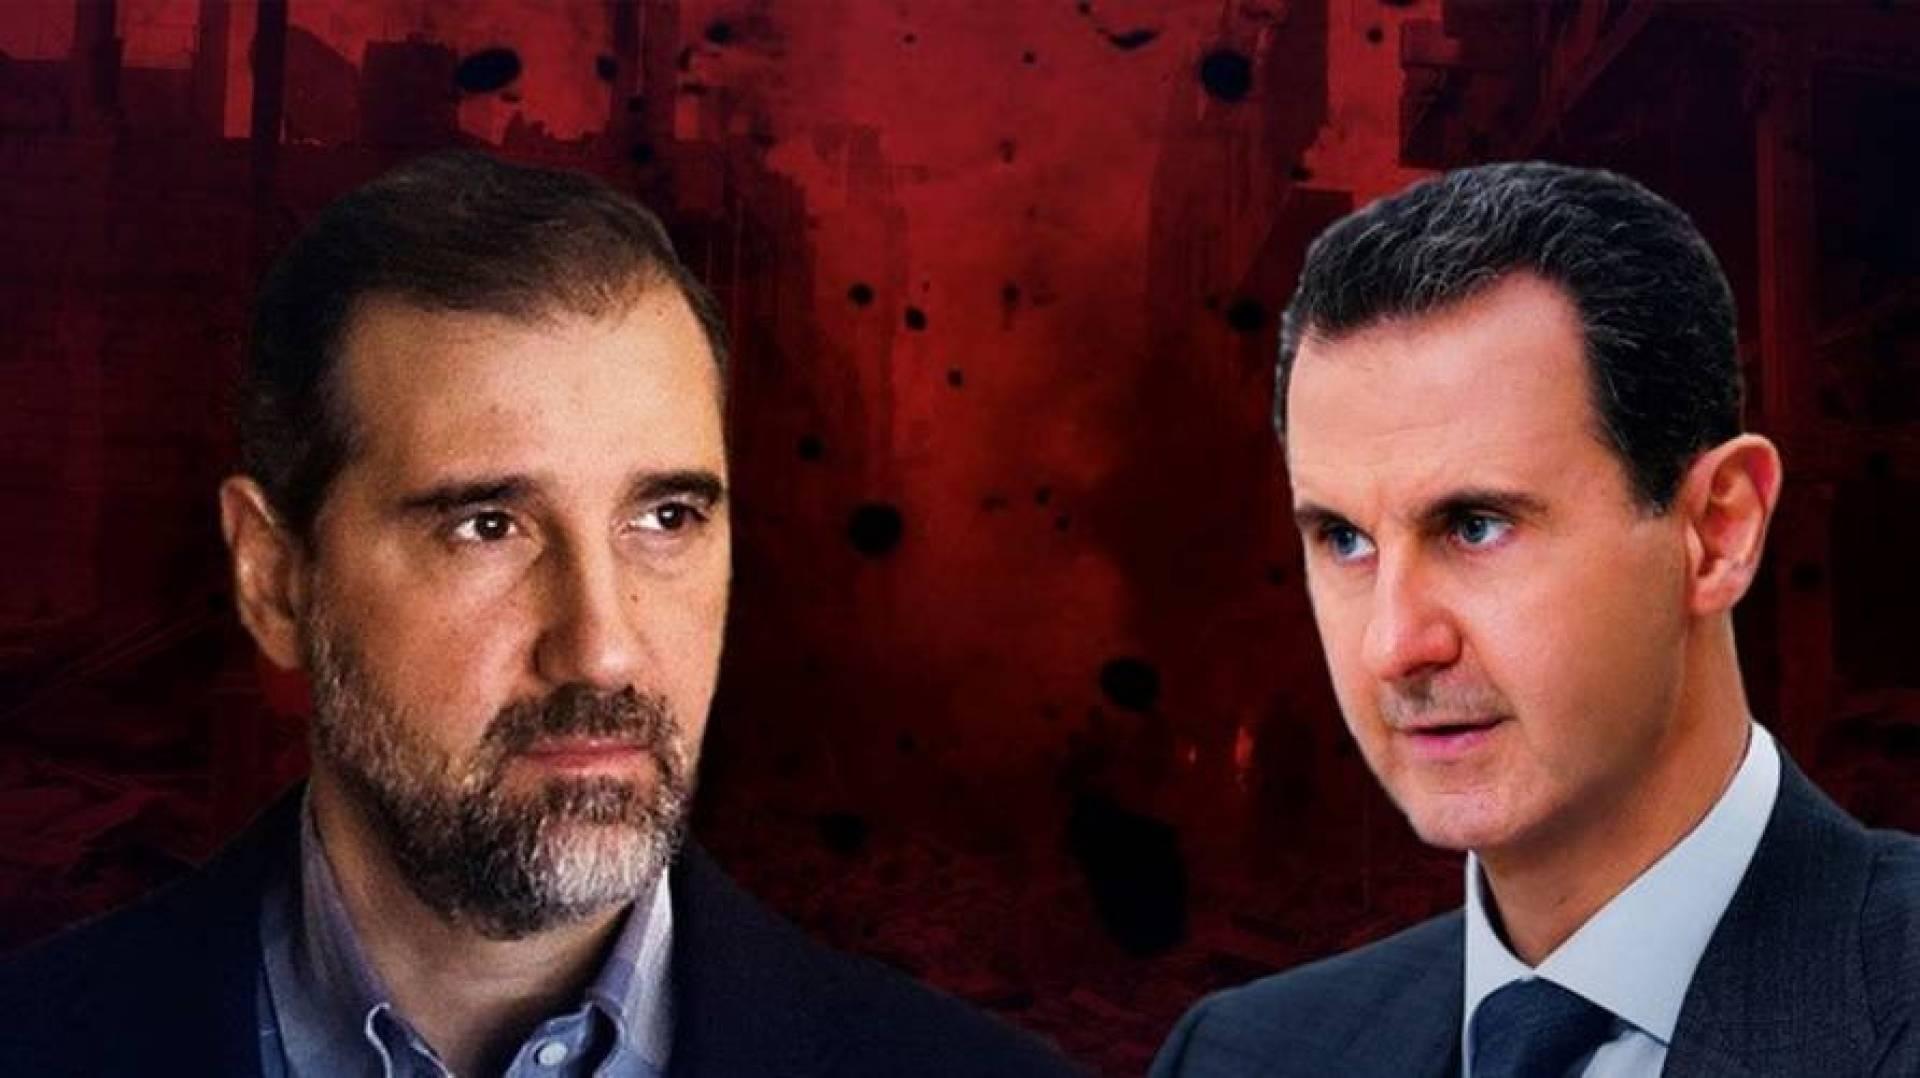 النظام السوري يمنع رامي مخلوف من السفر